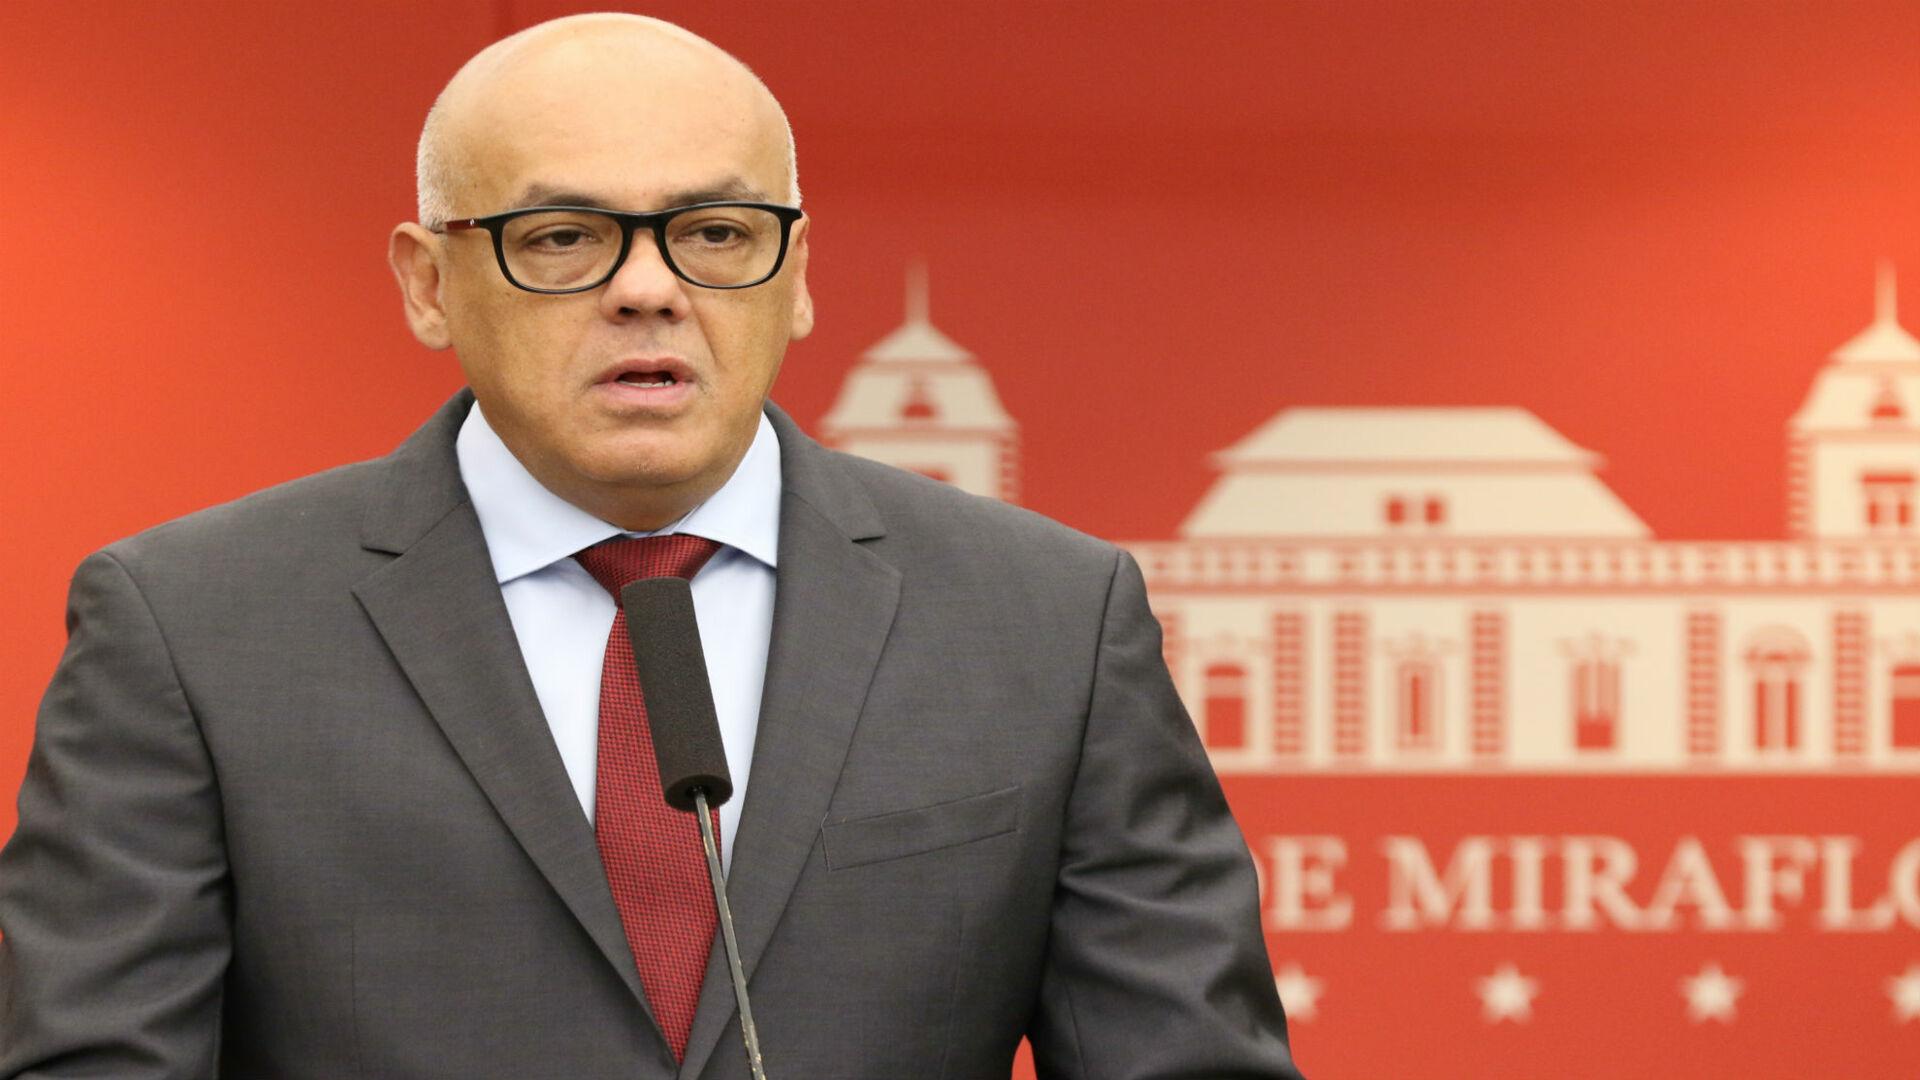 Jorge Rodríguez confirma 6 nuevos casos de Covid-19